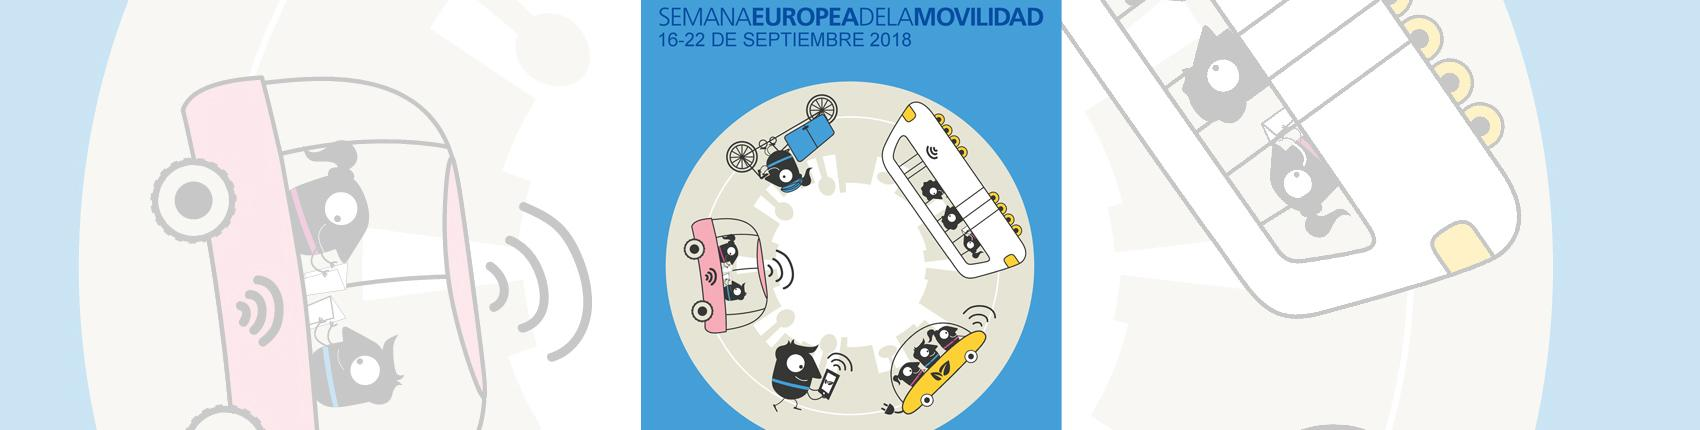 Más de 400 municipios españoles participan en la 18ª Semana Europea de la Movilidad